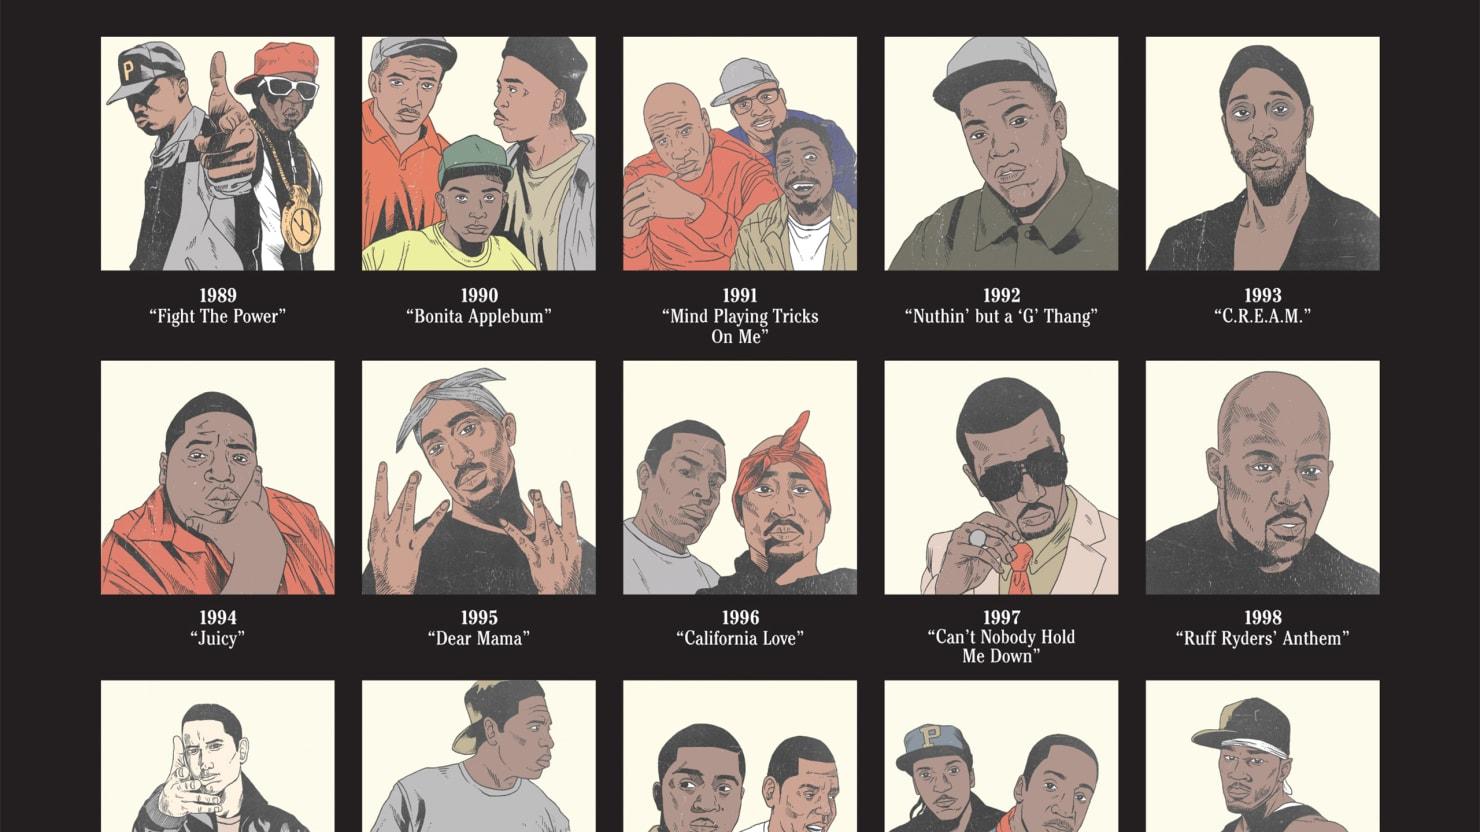 The Suburban Dad Behind Rap's Bible